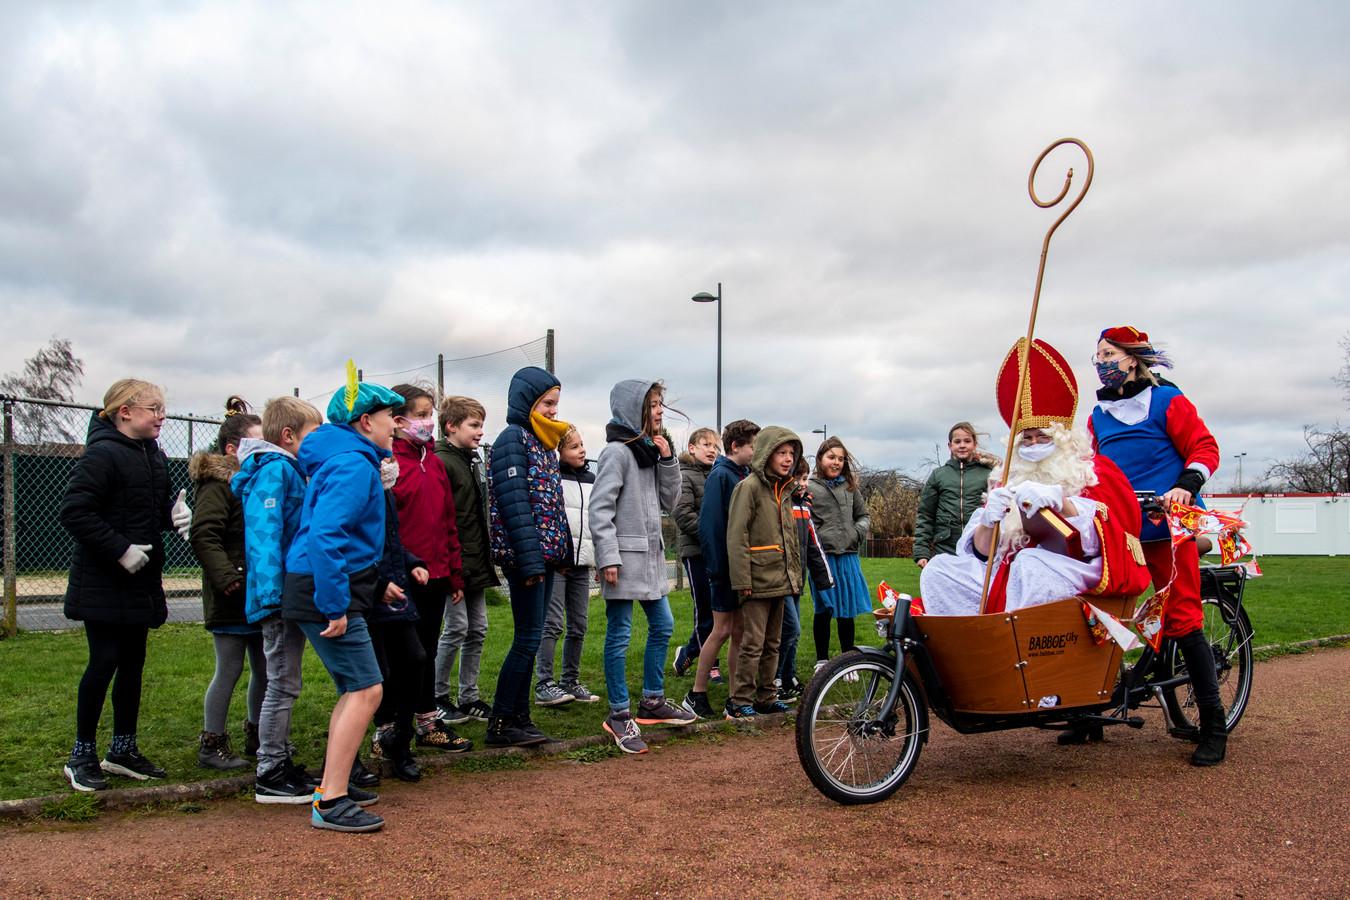 De Sint kwam aan in een bakfiets, lustig voortgetrapt door fietspiet.